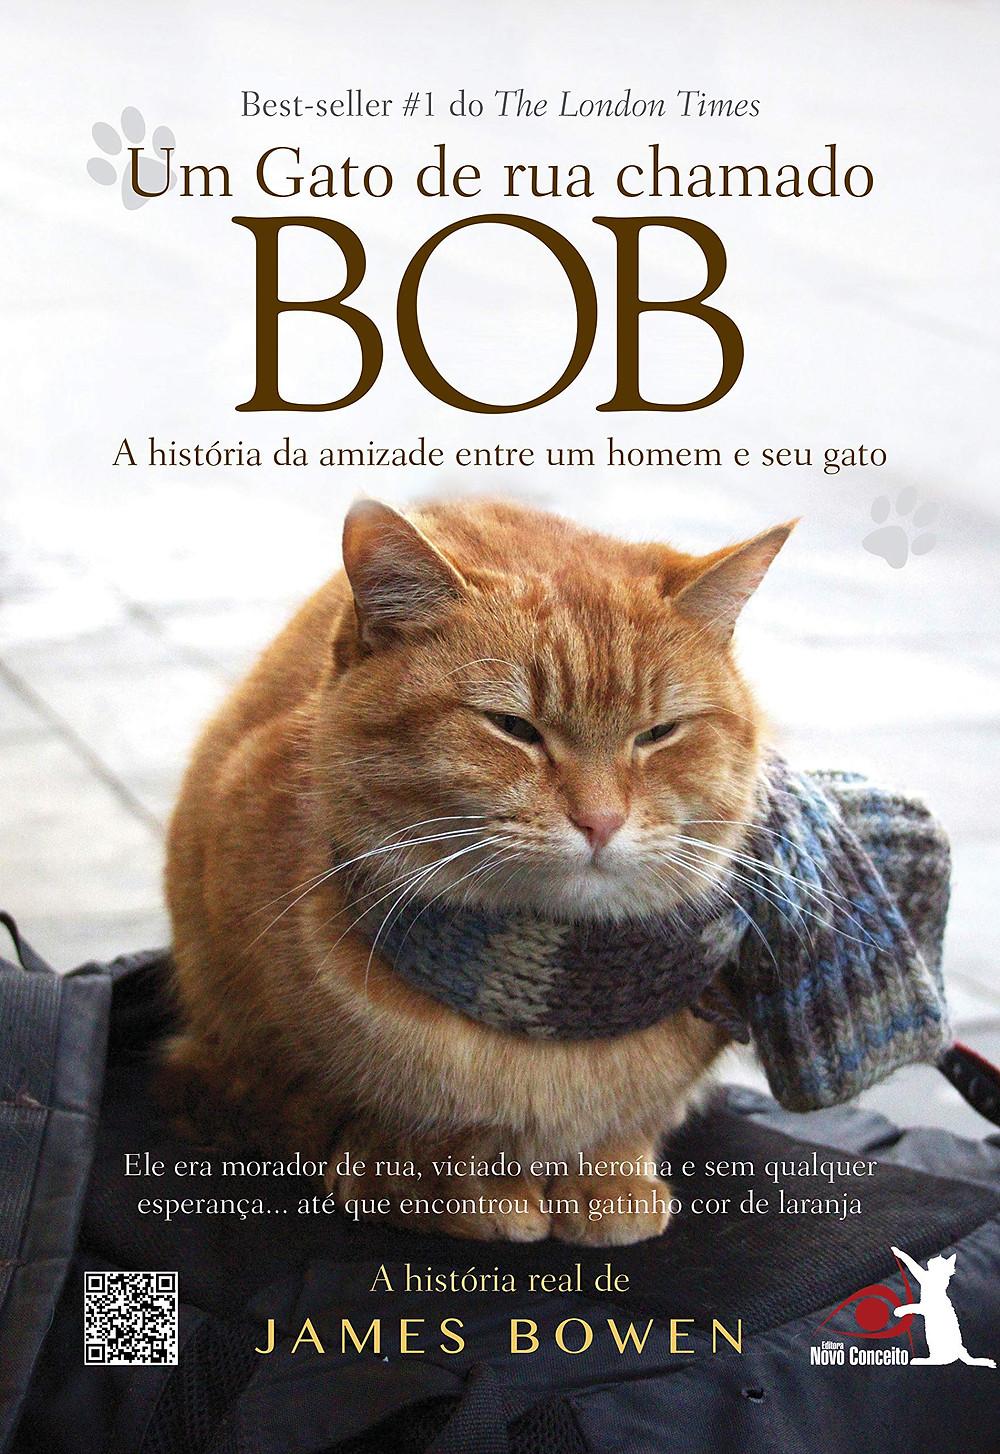 Um Gato de Rua Chamado Bob James Bowen